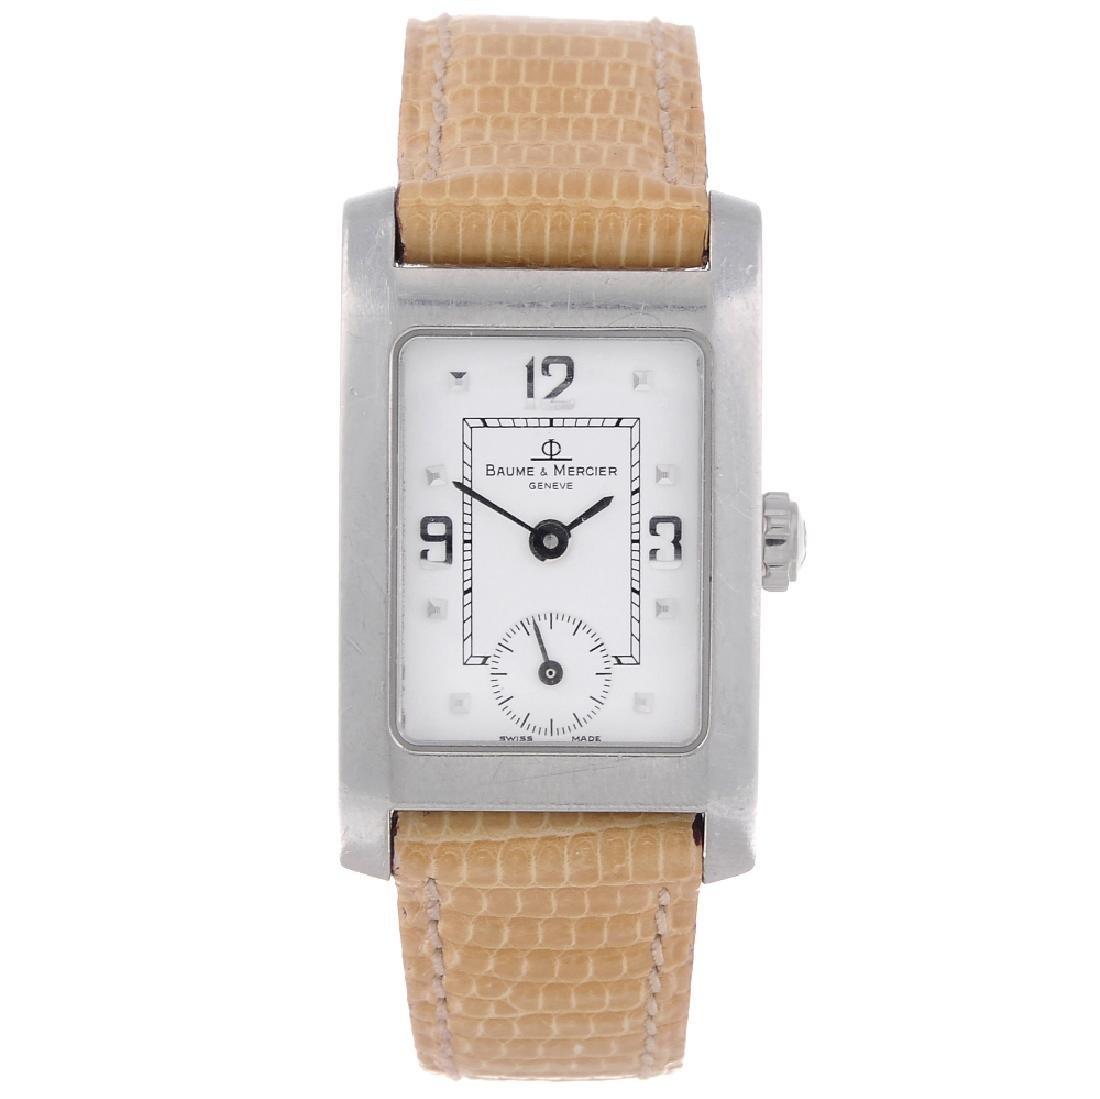 BAUME & MERCIER - a lady's Hampton wrist watch.